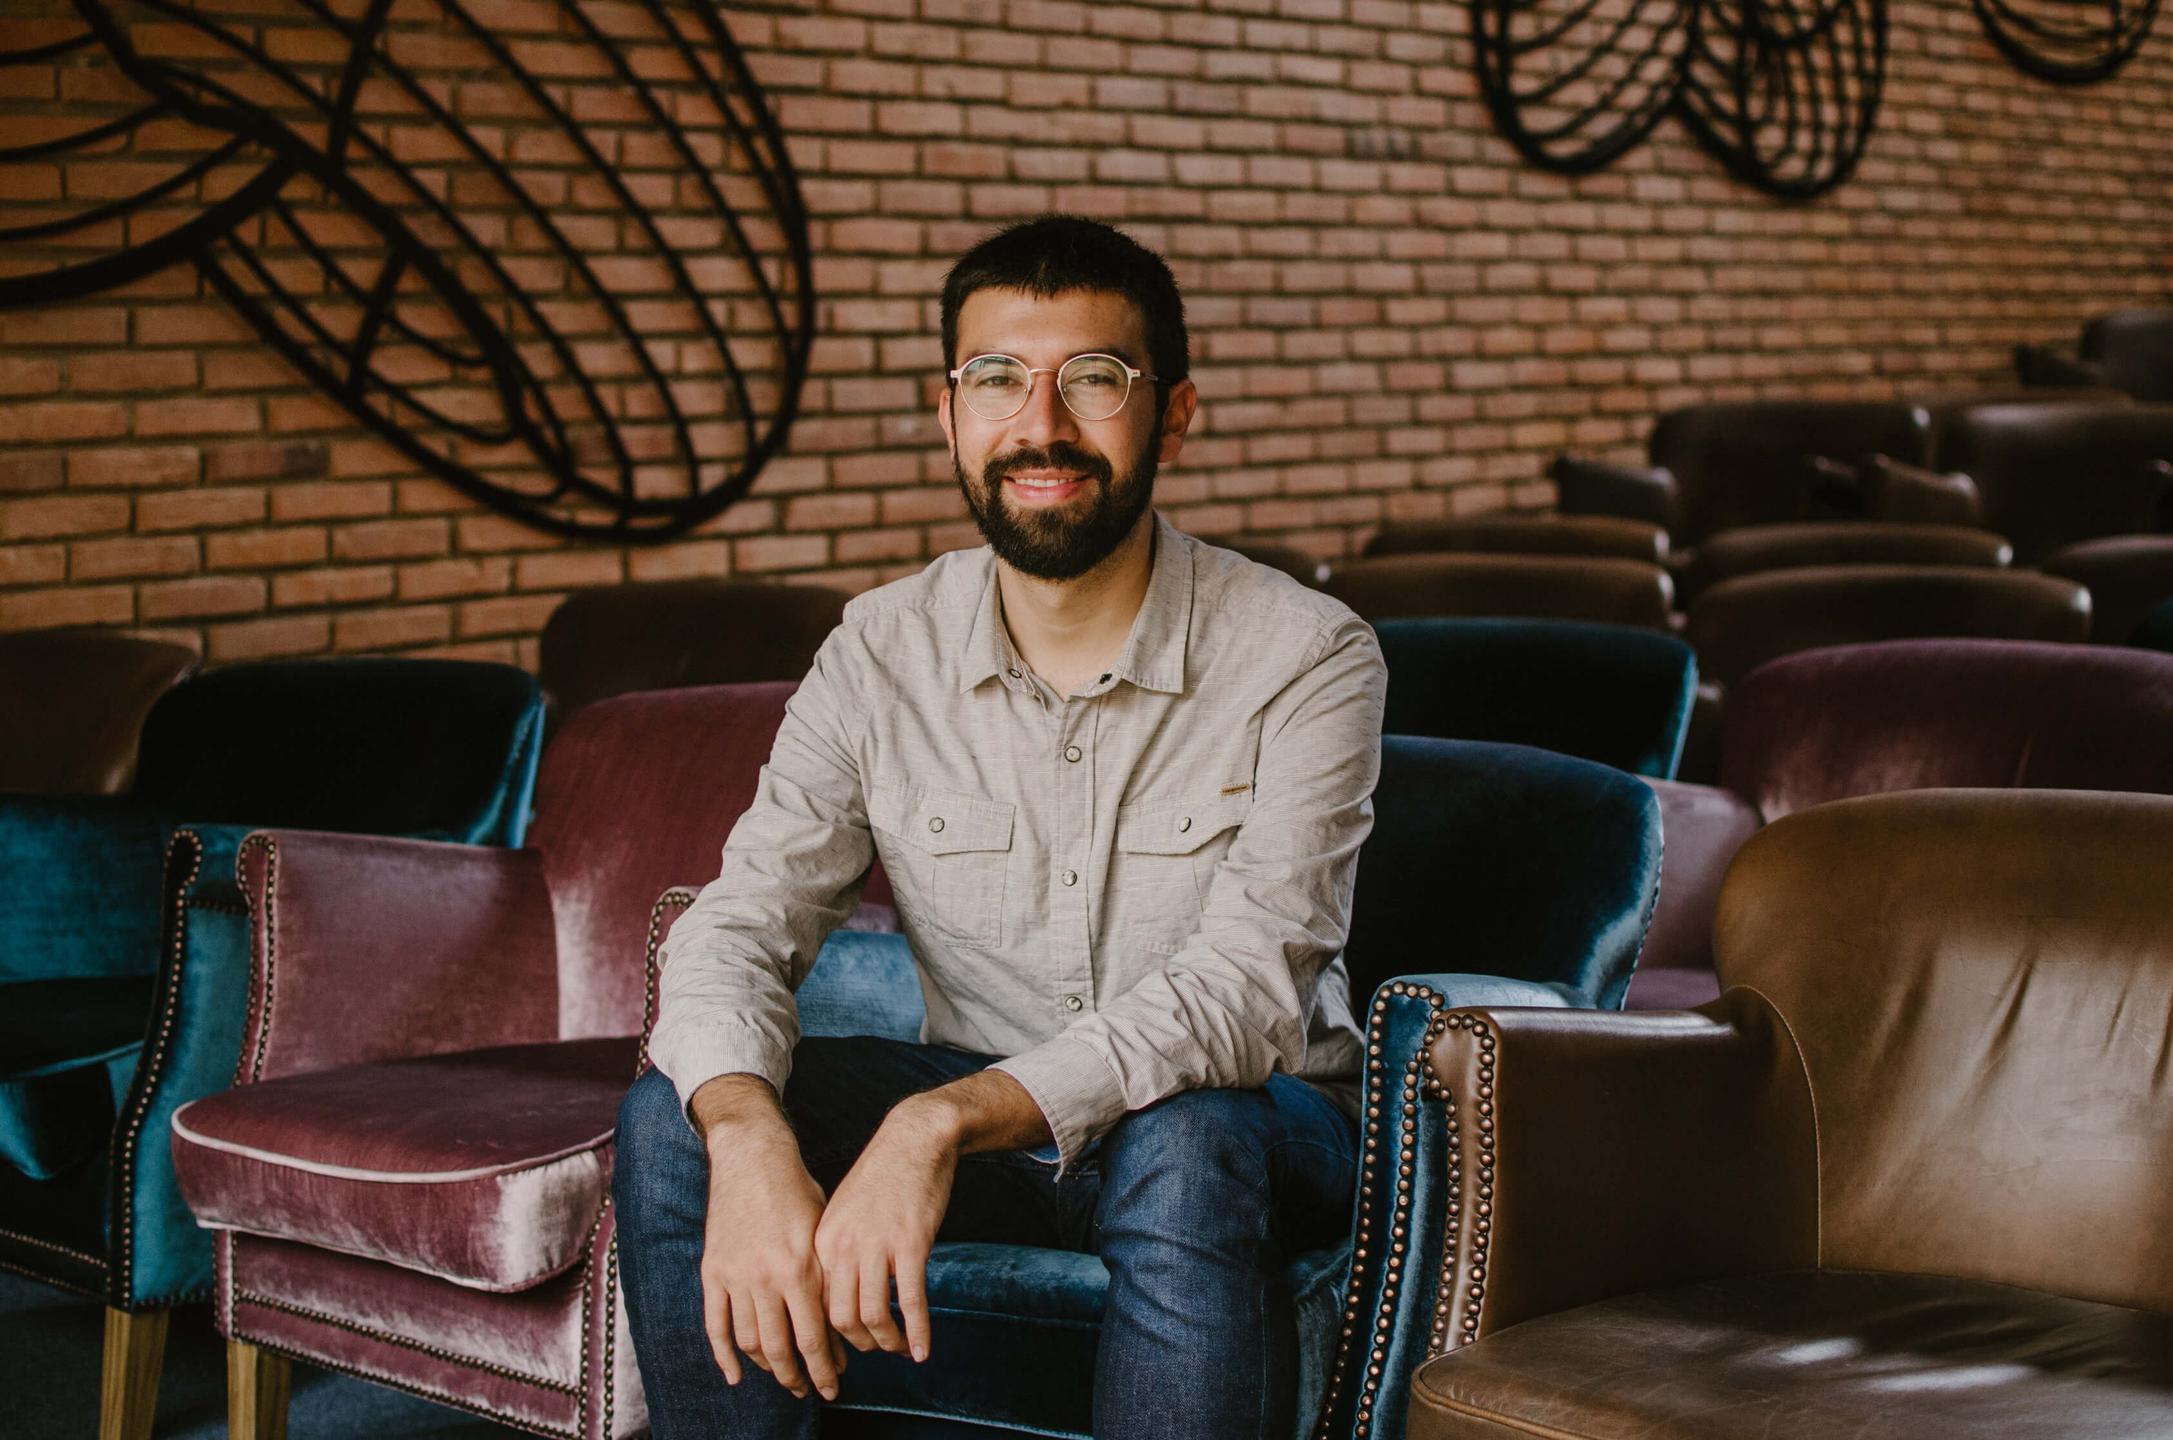 Luis carlos Barragan, Ilustre, cursos, charlas, conferencias, cultura, cursos online